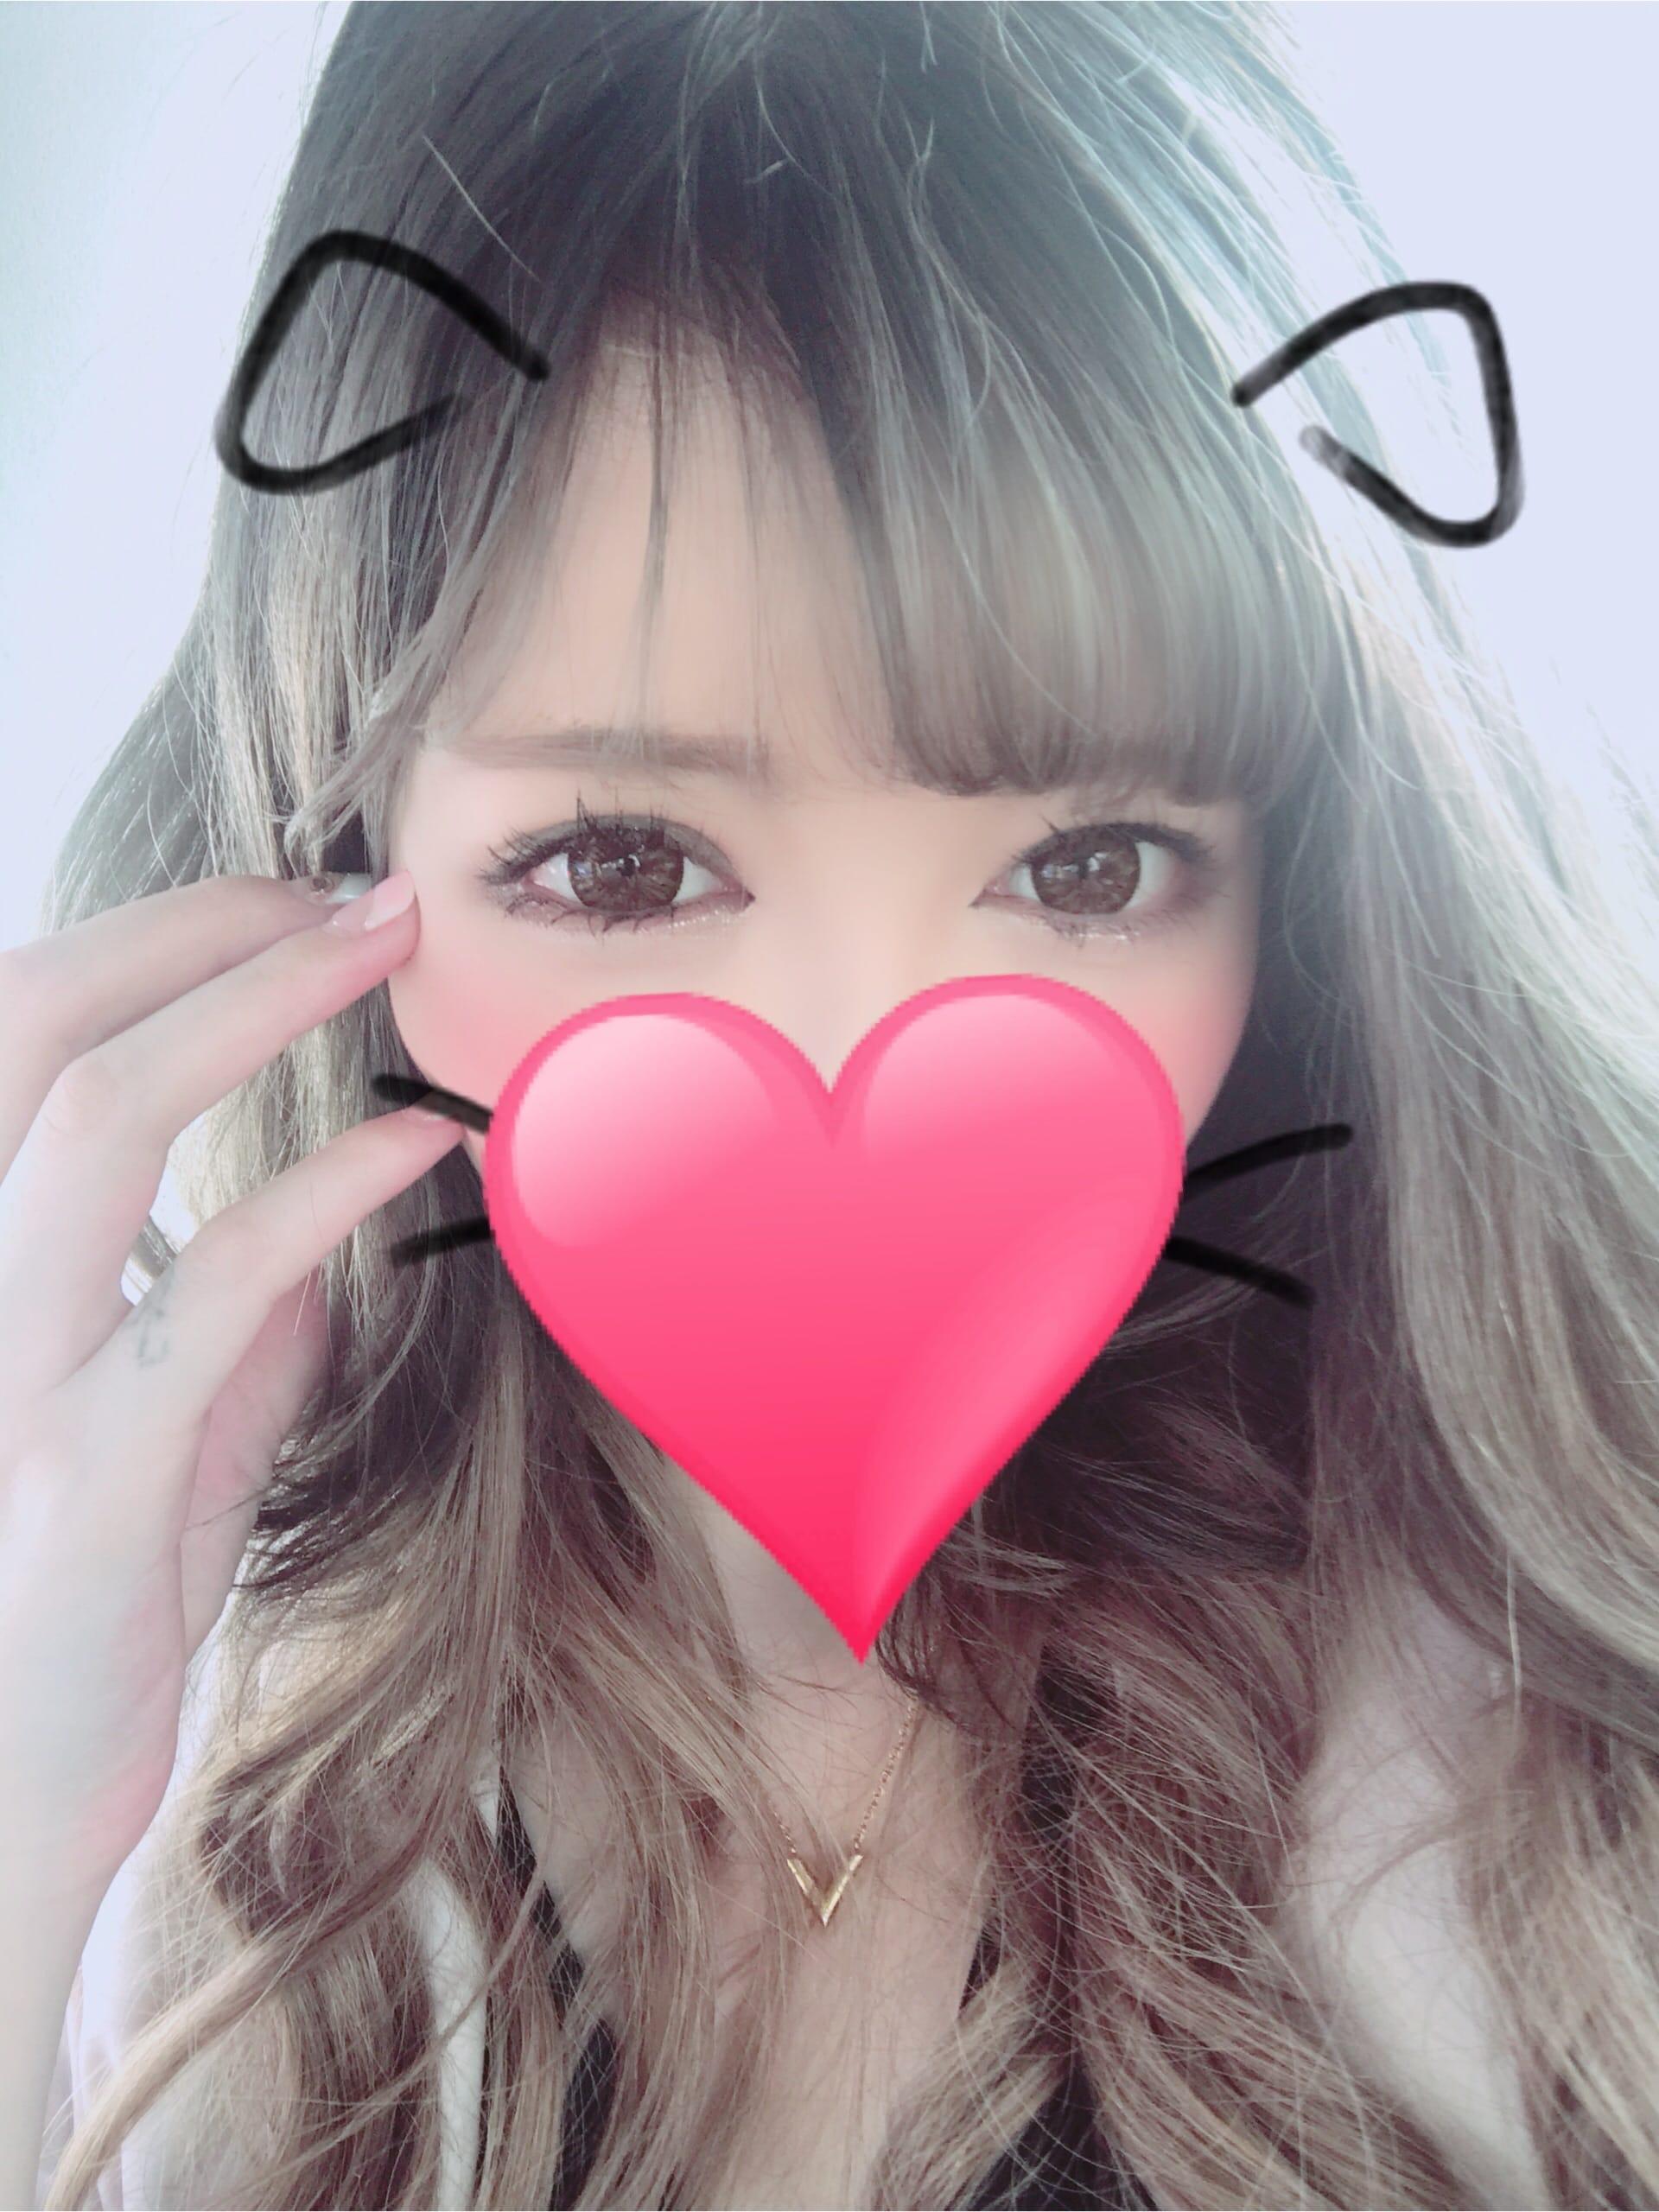 「やっっっっと♡」03/29(木) 05:08 | モエ★★の写メ・風俗動画